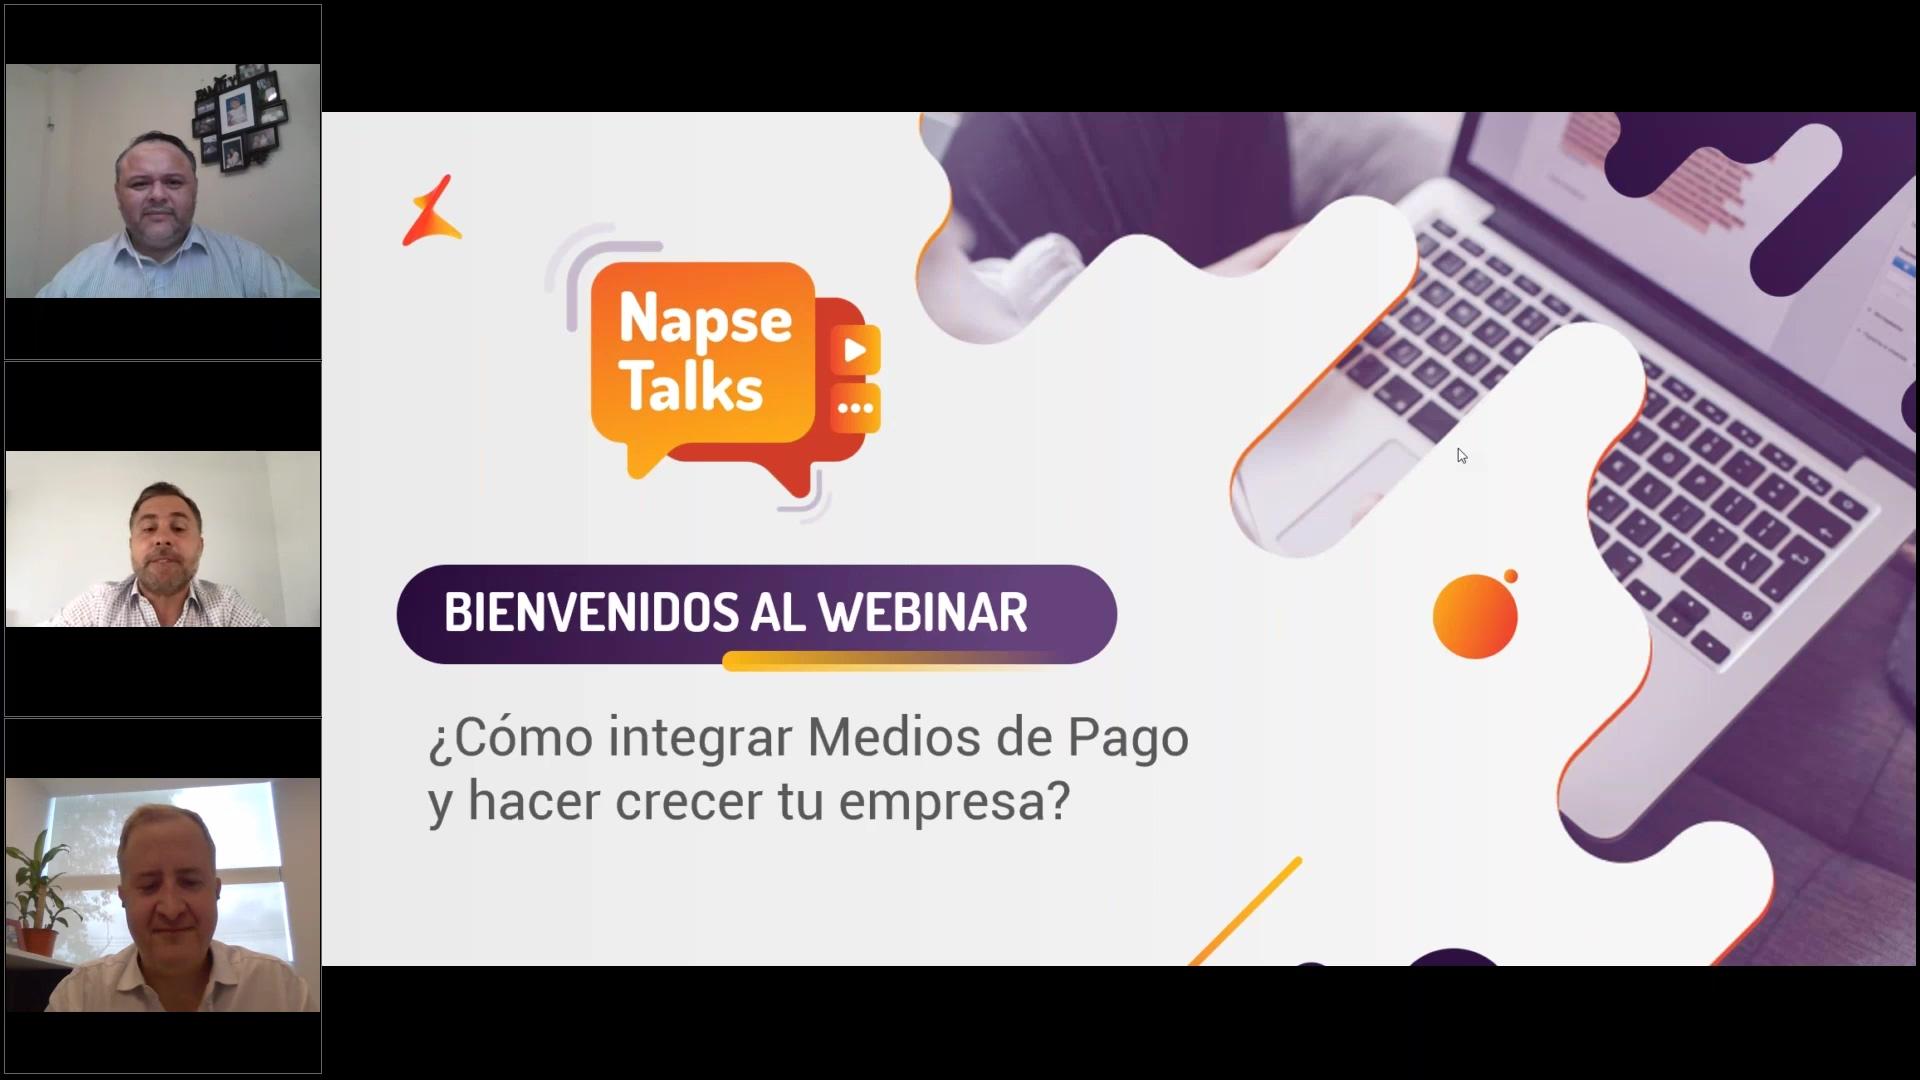 Napse Talks - ¿Cómo integrar medios de Pago y hacer crecer tu empresa_